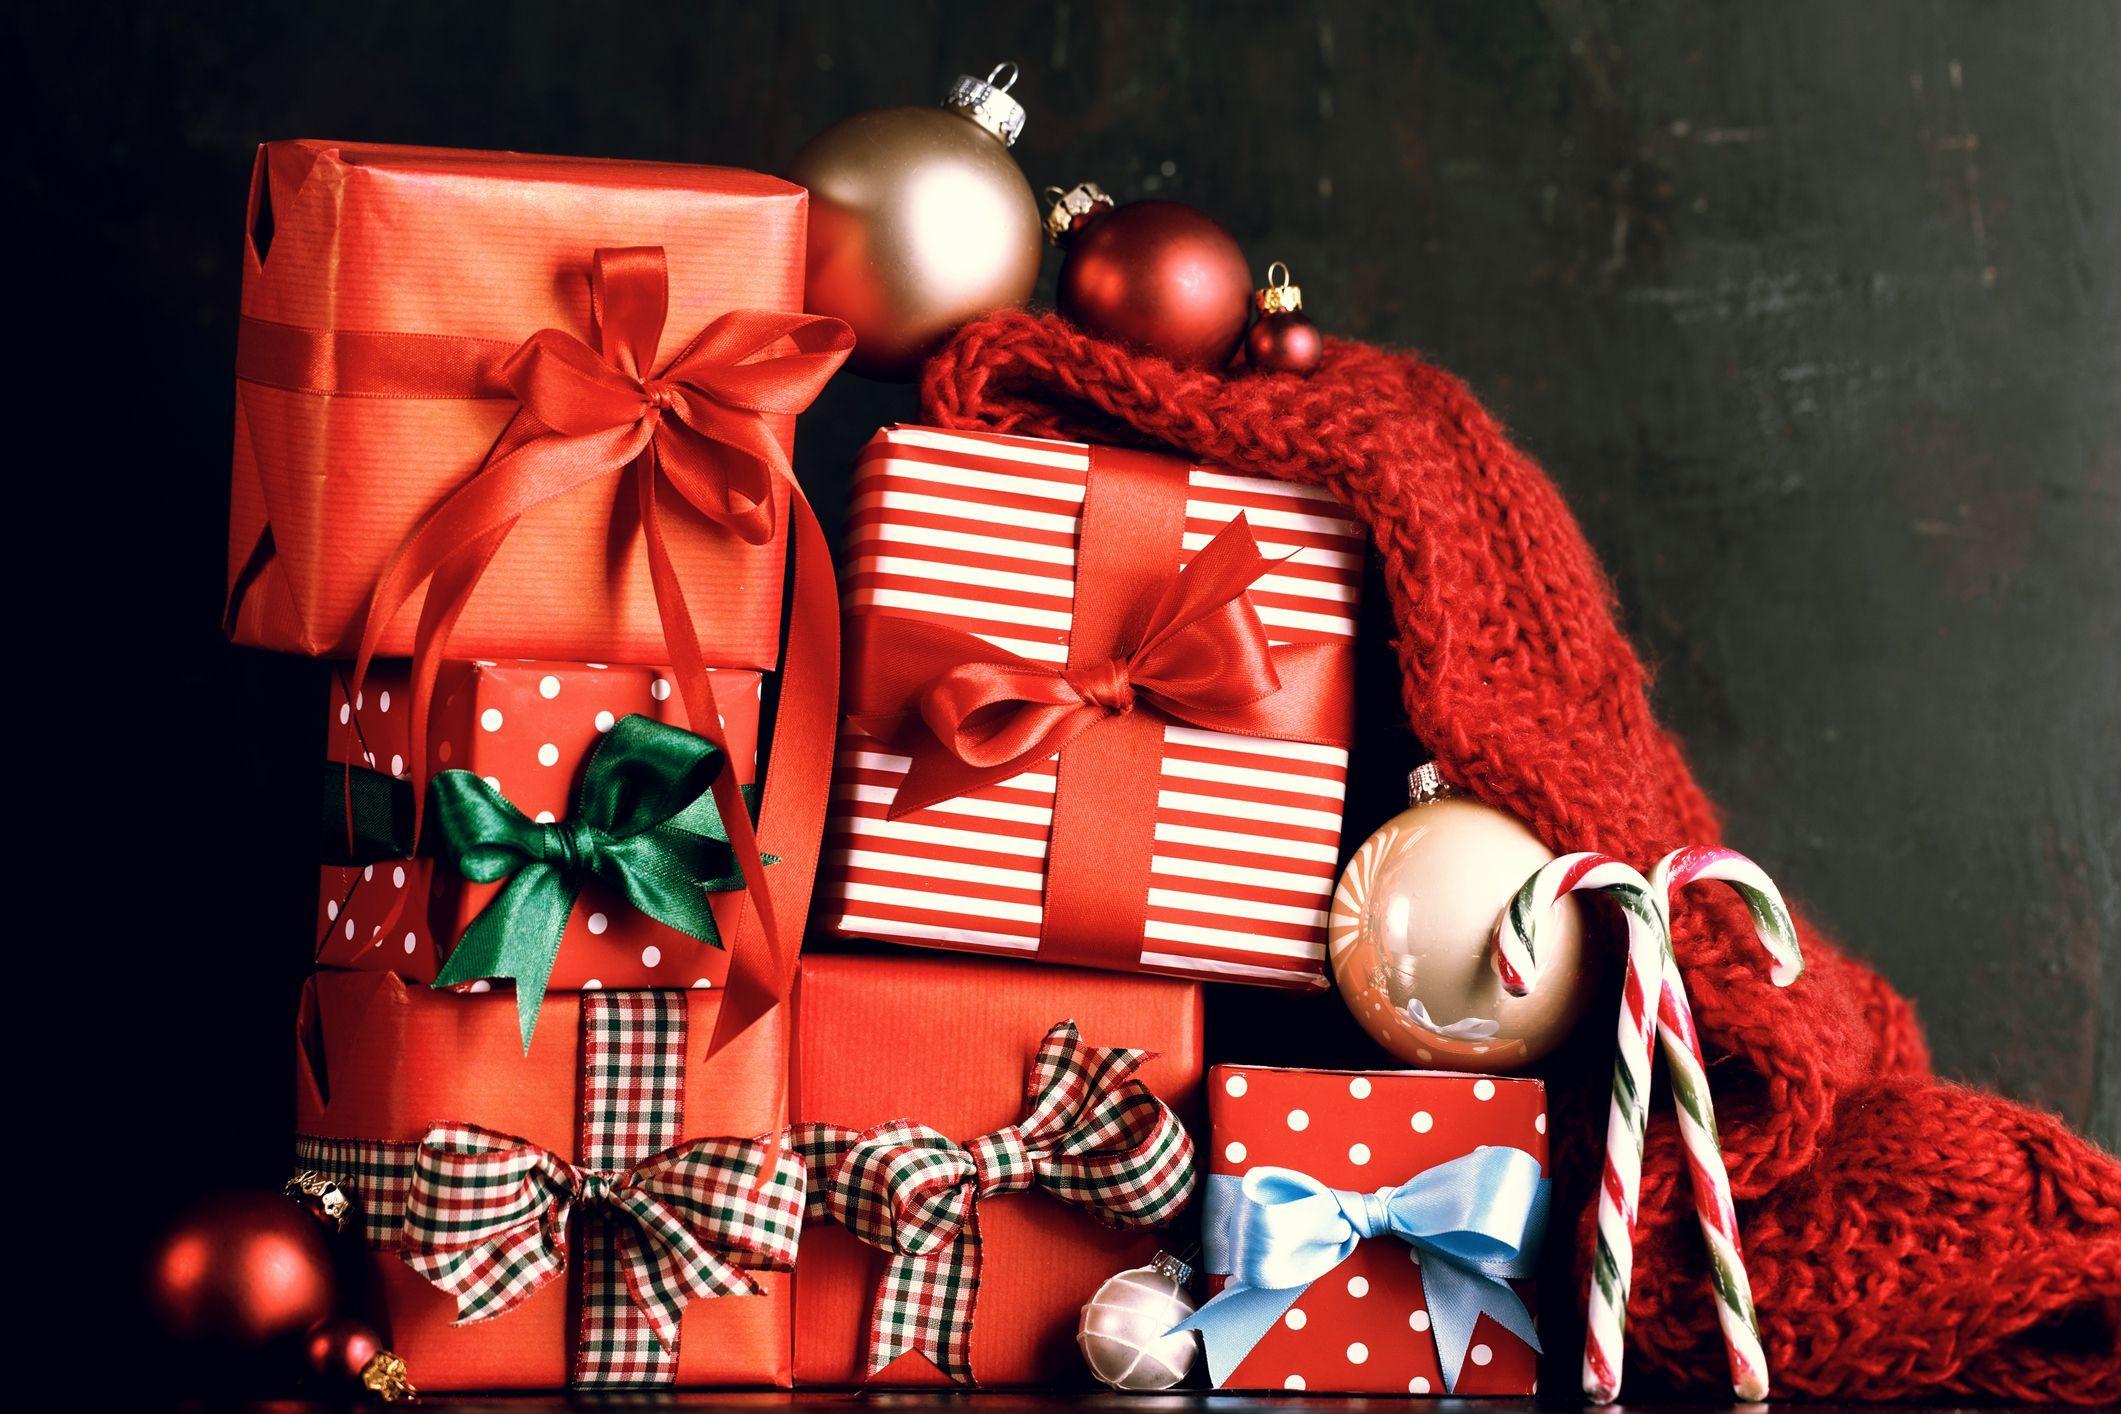 Coole geschenke unter chf 30 stilpalast - Coole geschenke ...